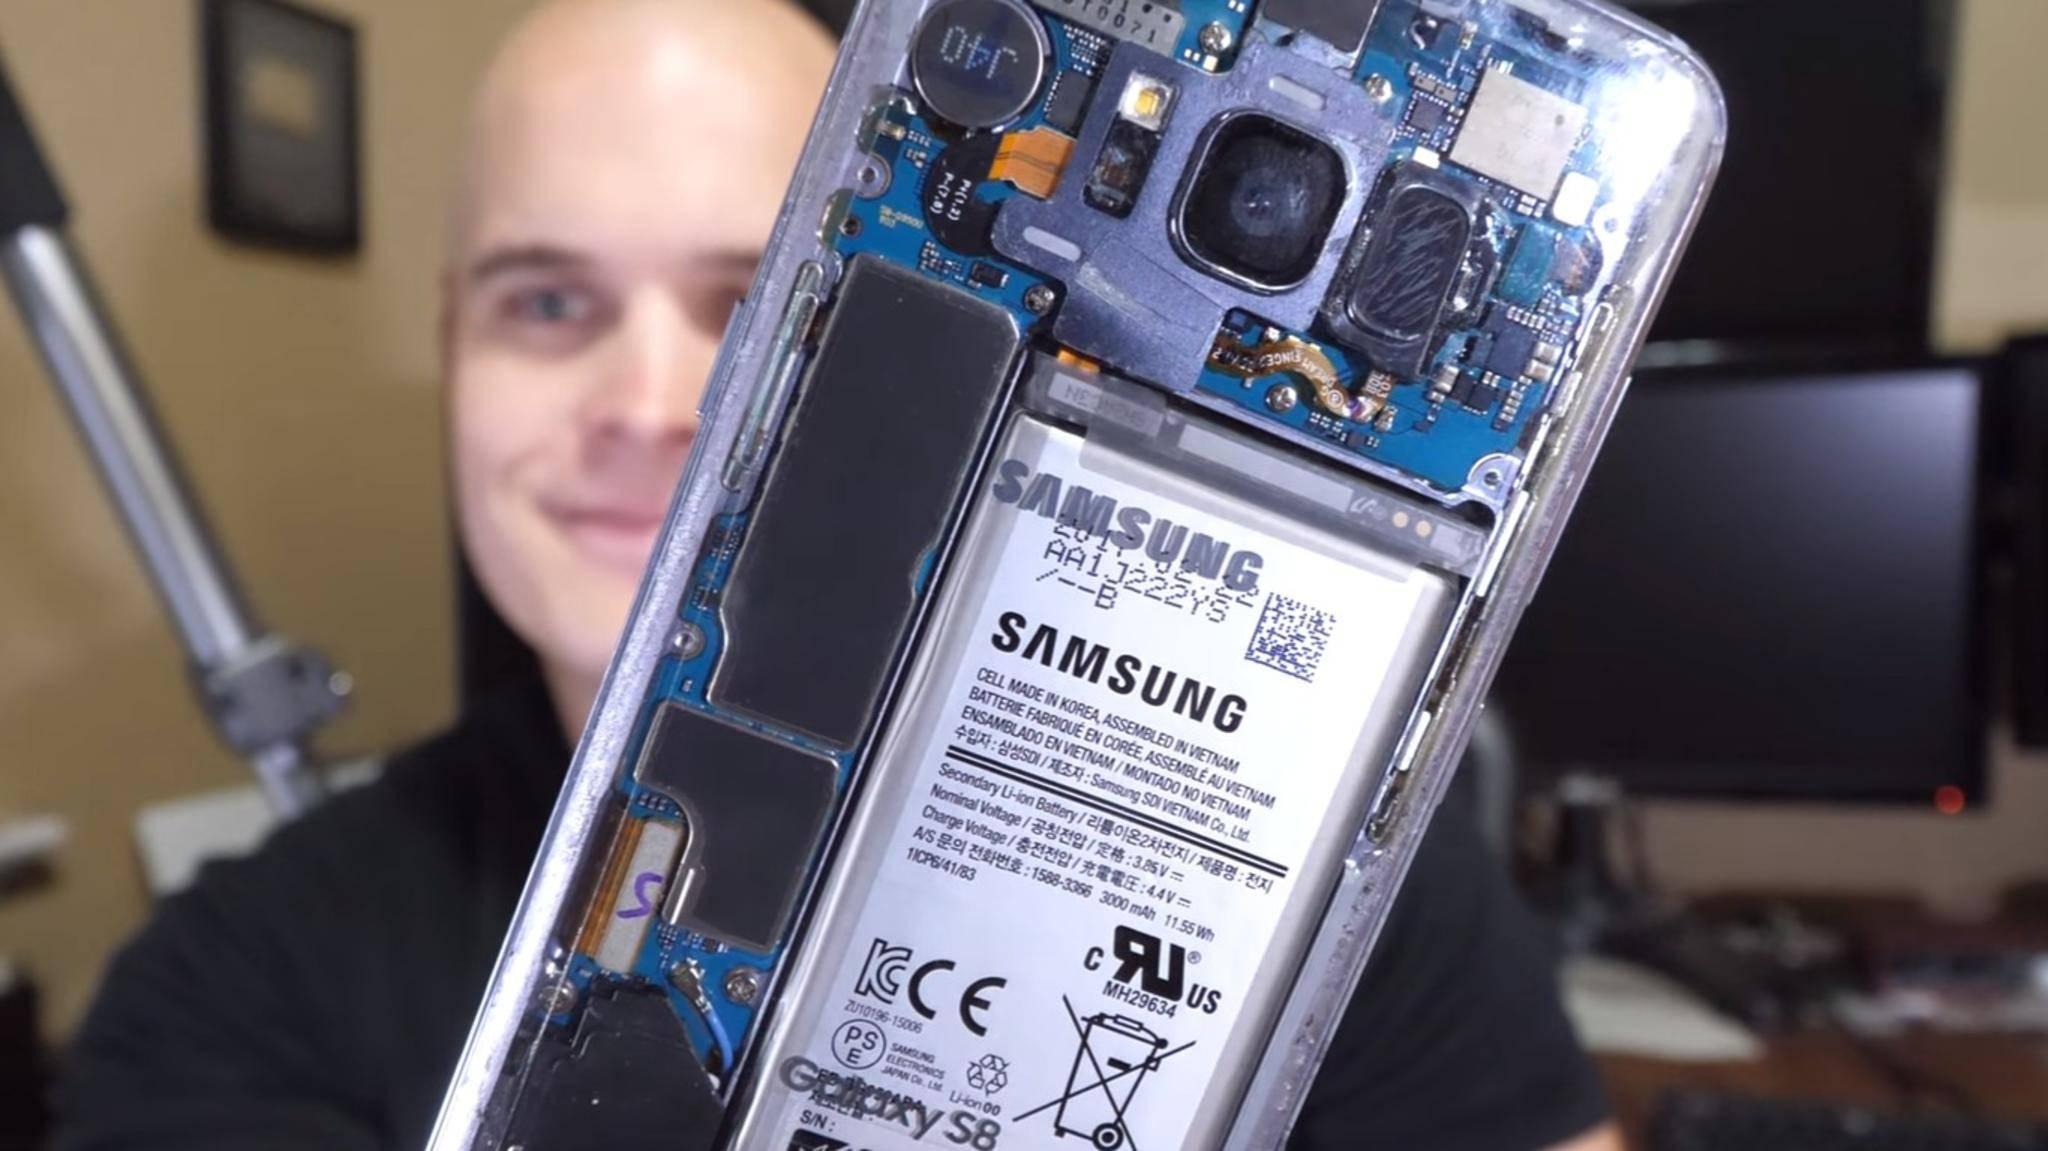 Eine vollkommen durchsichtige Glasrückseite spendierte YouTuber JerryRigEverything dem Galaxy S8.